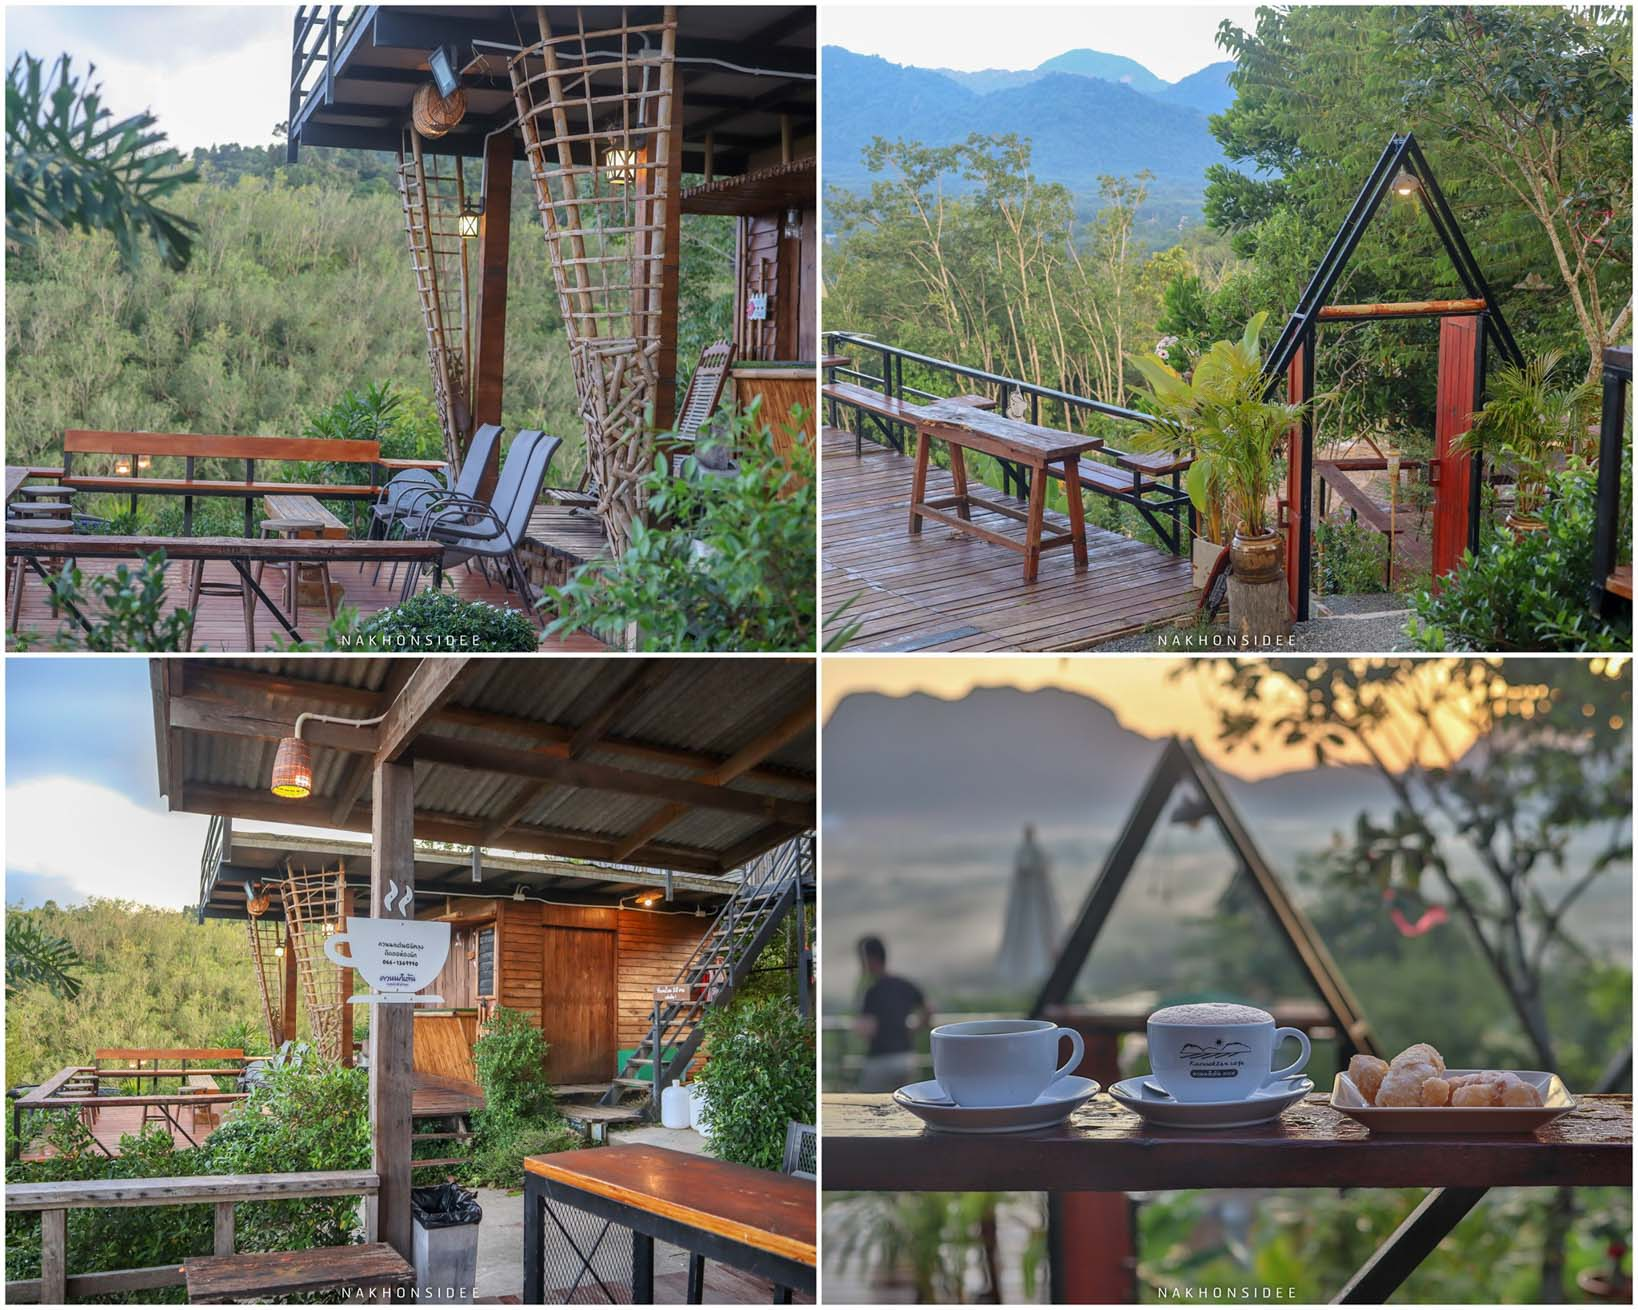 8.-ควนนกเต้น-Cafe ร้านกาแฟ-พร้อมอาหารอร่อยๆ-วิวหลักล้าน-ต้องที่นี่เลยย--การจะขึ้นจุดชมวิว-มีรถบริการรับส่ง-ท่านละ-60-บาทนะครับ- ที่เที่ยว,ที่พัก,พัทลุง,การท่องเที่ยว,ประเทศไทย,วิถีชีวิต,ชุมชน,ดริฟท์กาแฟ